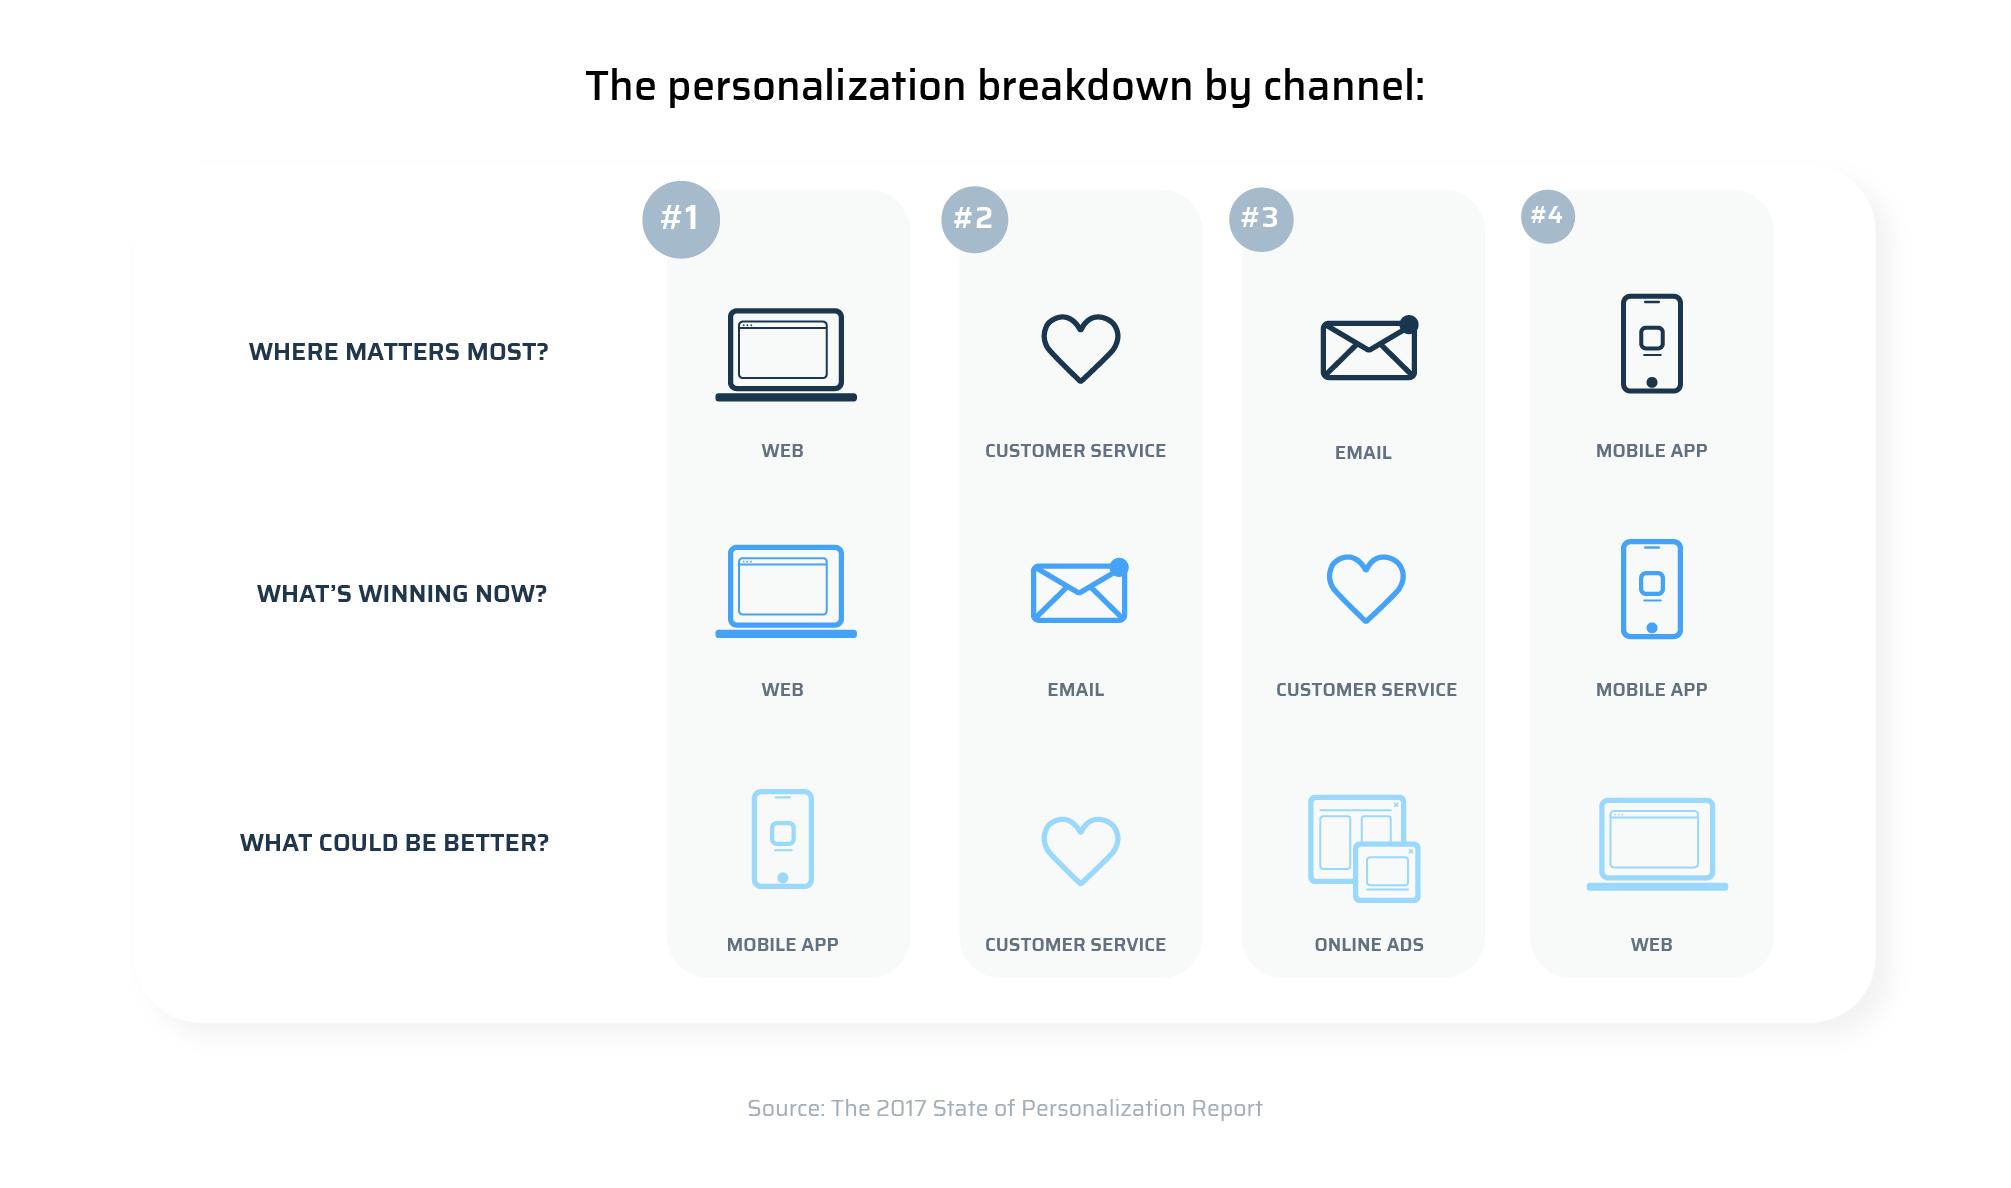 the personalization breakdown by channel